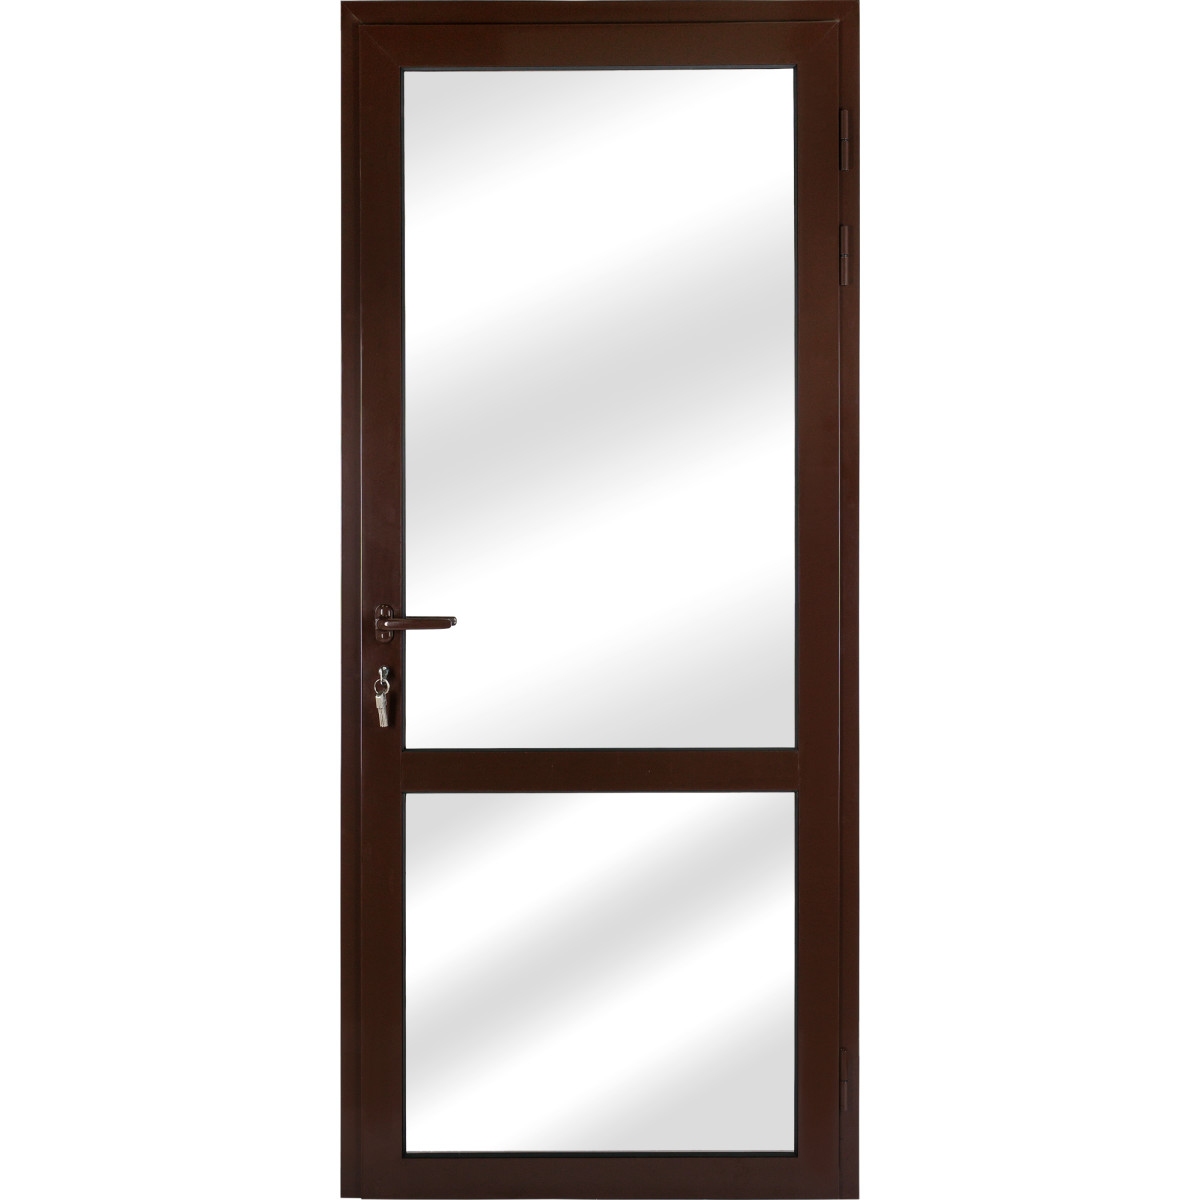 Алюминиевое ограждение балкона правое 210x90 см коричневый